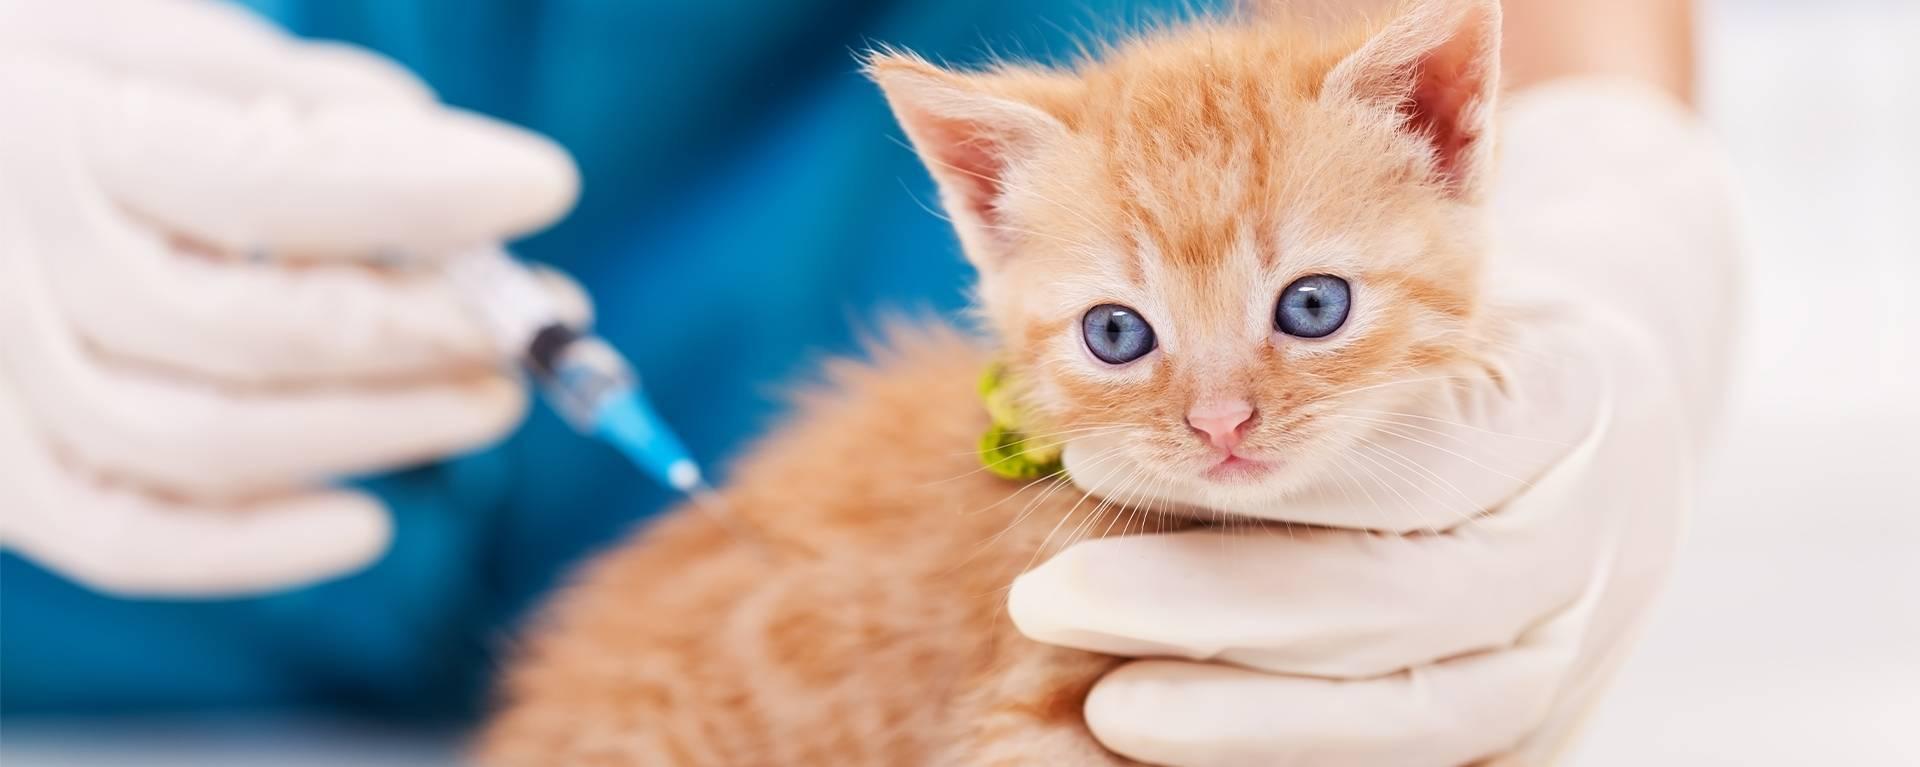 Вакцинация для котов шотландцев: как защитить здоровье домашних любимцев